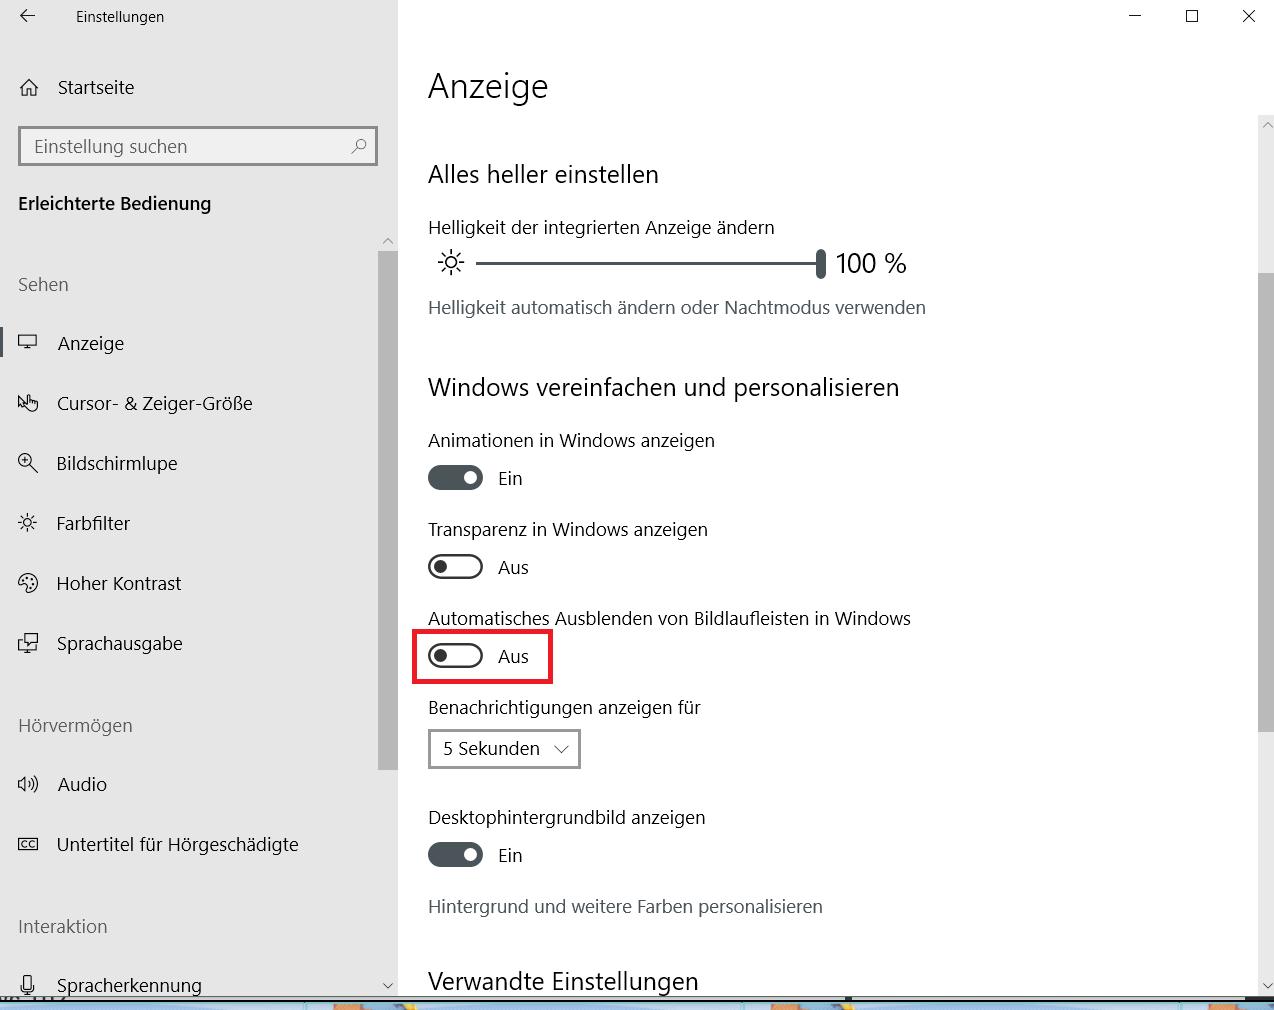 ausblenden ausgeschaltet - Windows 10 Scrollleisten in den Einstellungen und Apps immer anzeigen